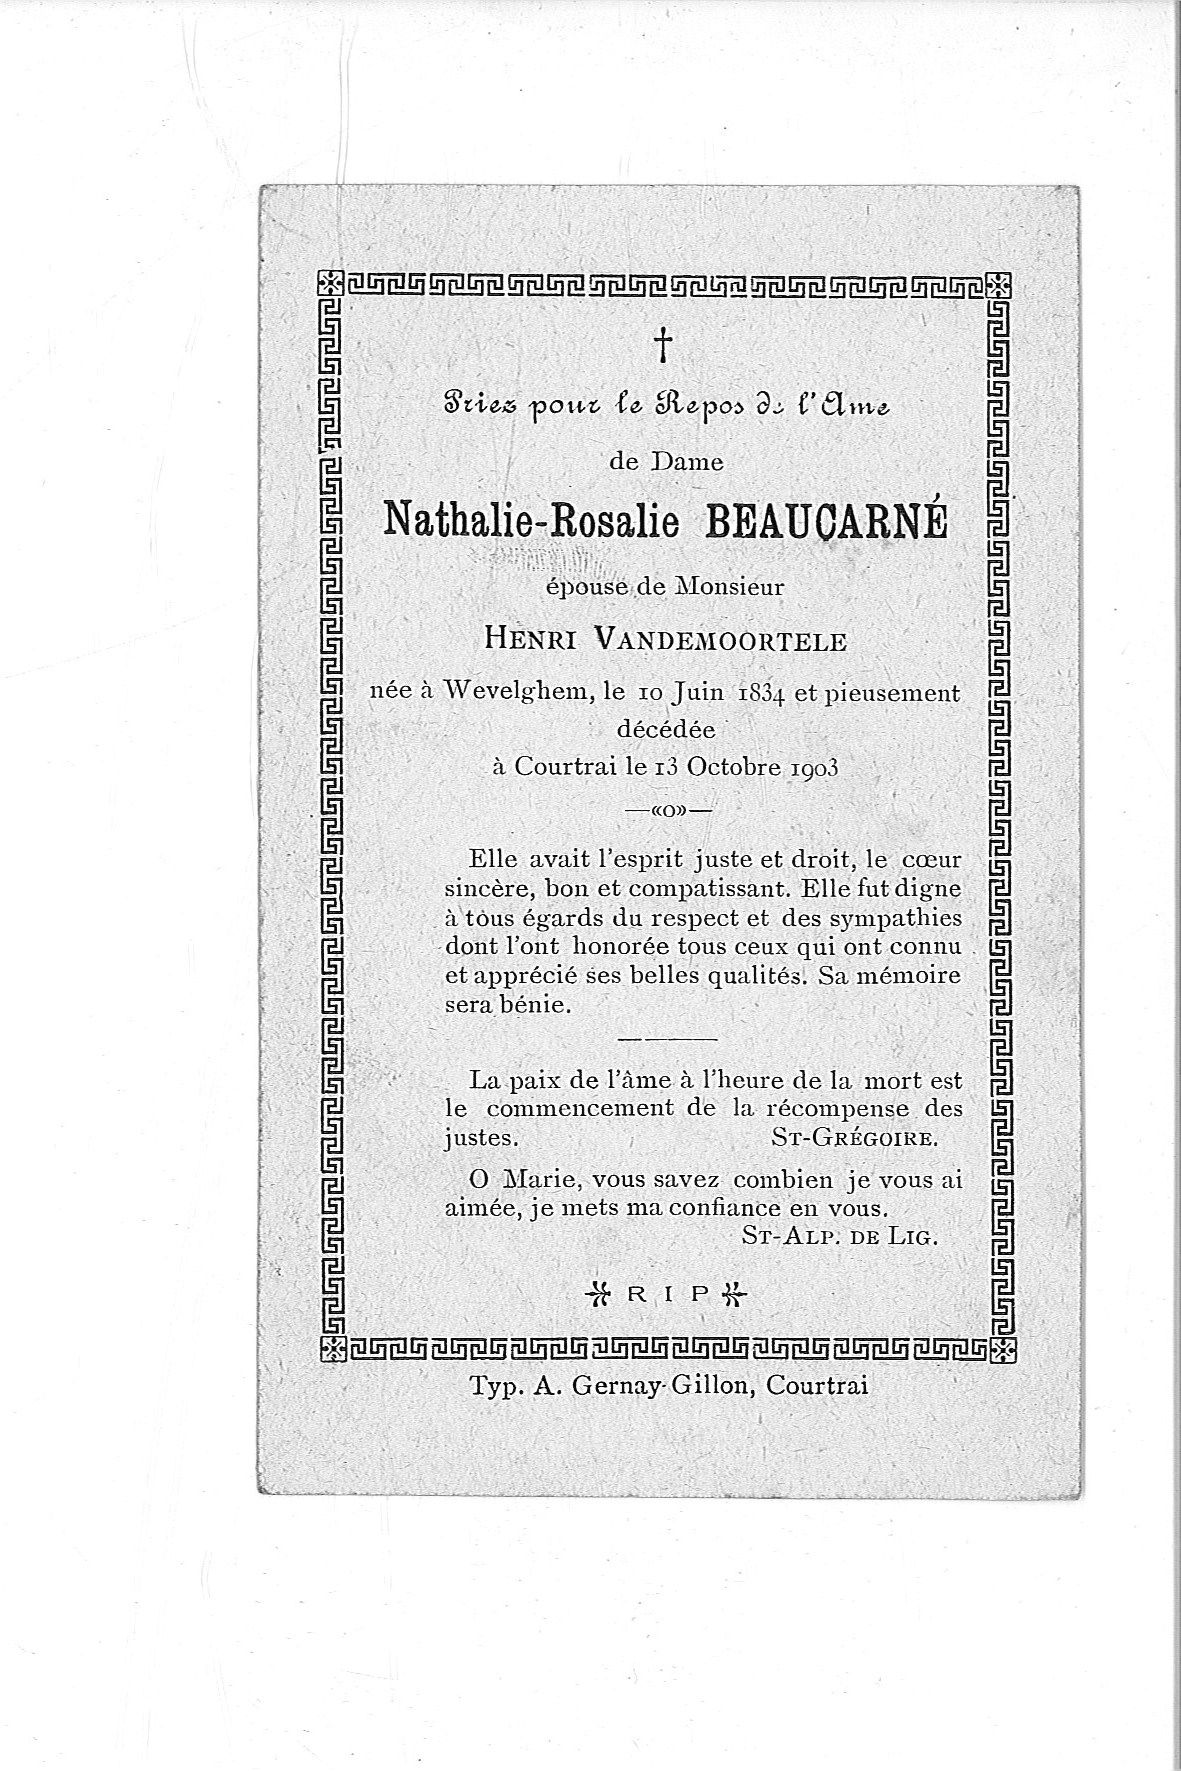 nathalie-rosalie(1903)20090804095126_00042.jpg